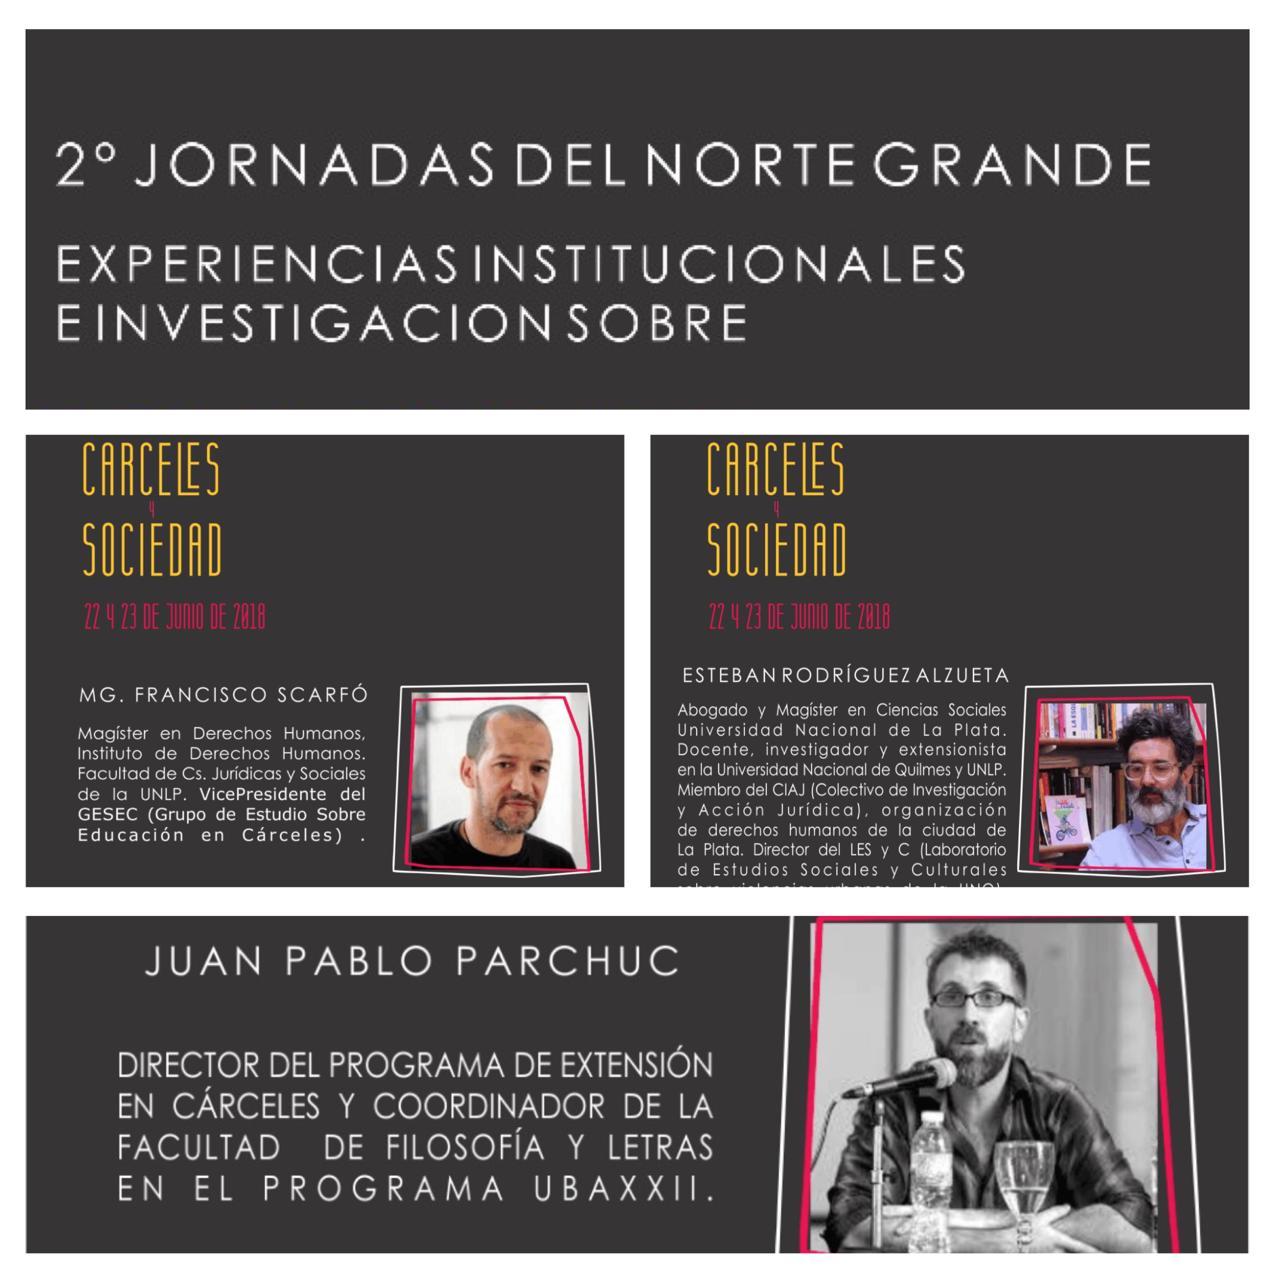 Se viene la 2º jornada sobre experiencias institucionales e investigación sobre cárceles y sociedad